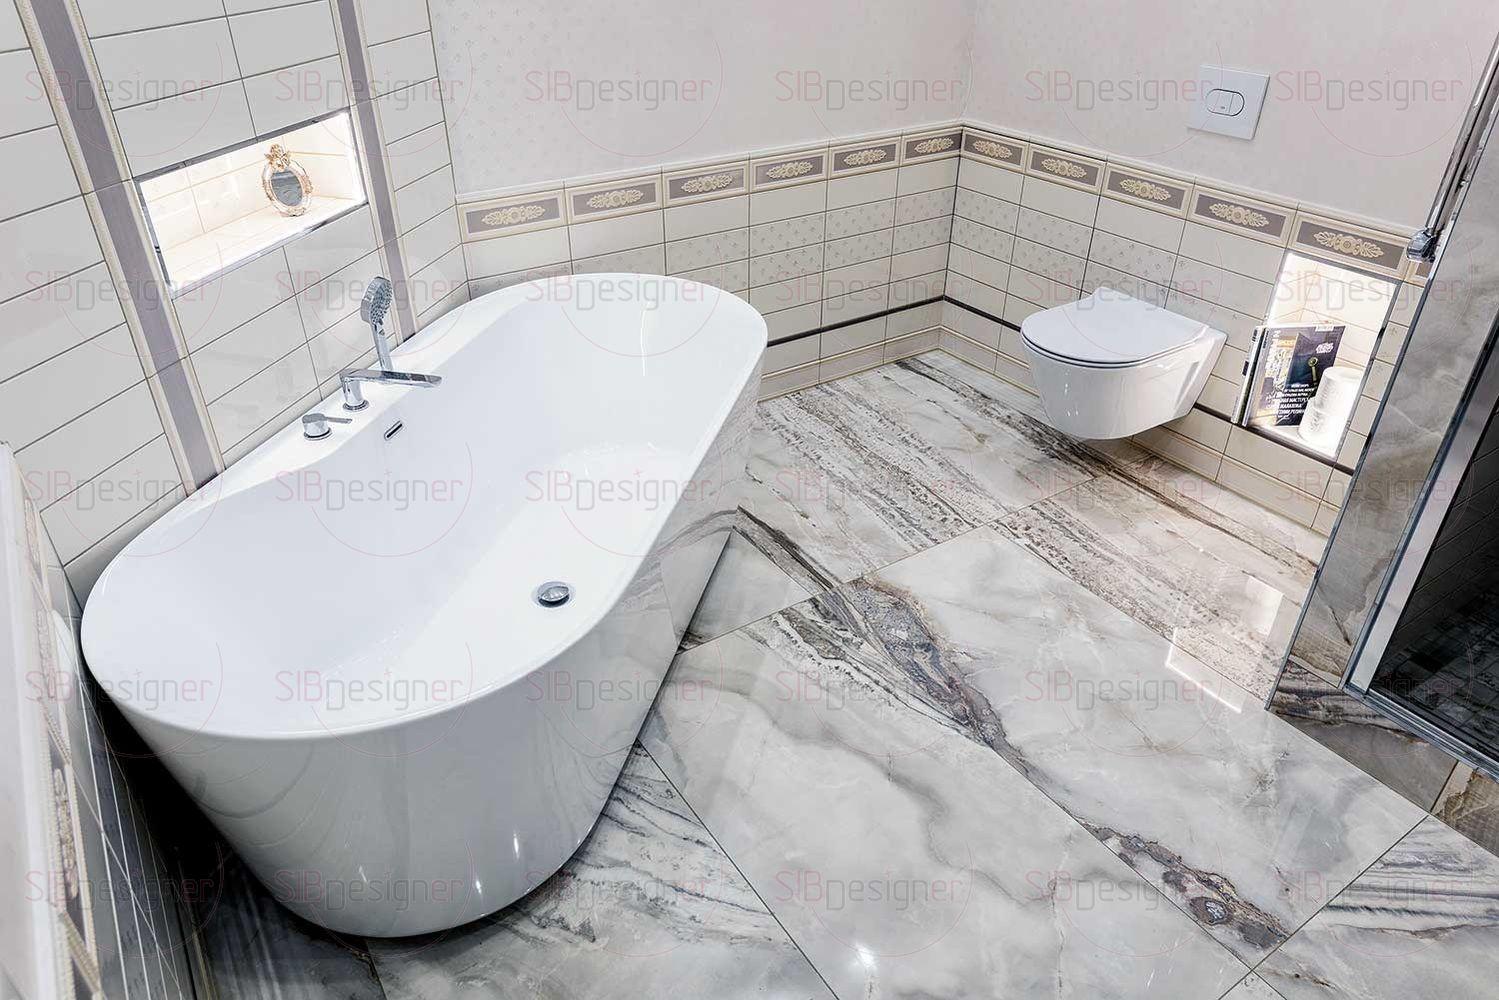 Часть стен в ванной комнате покрыта декоративной штукатуркой, для дополнительного уюта.